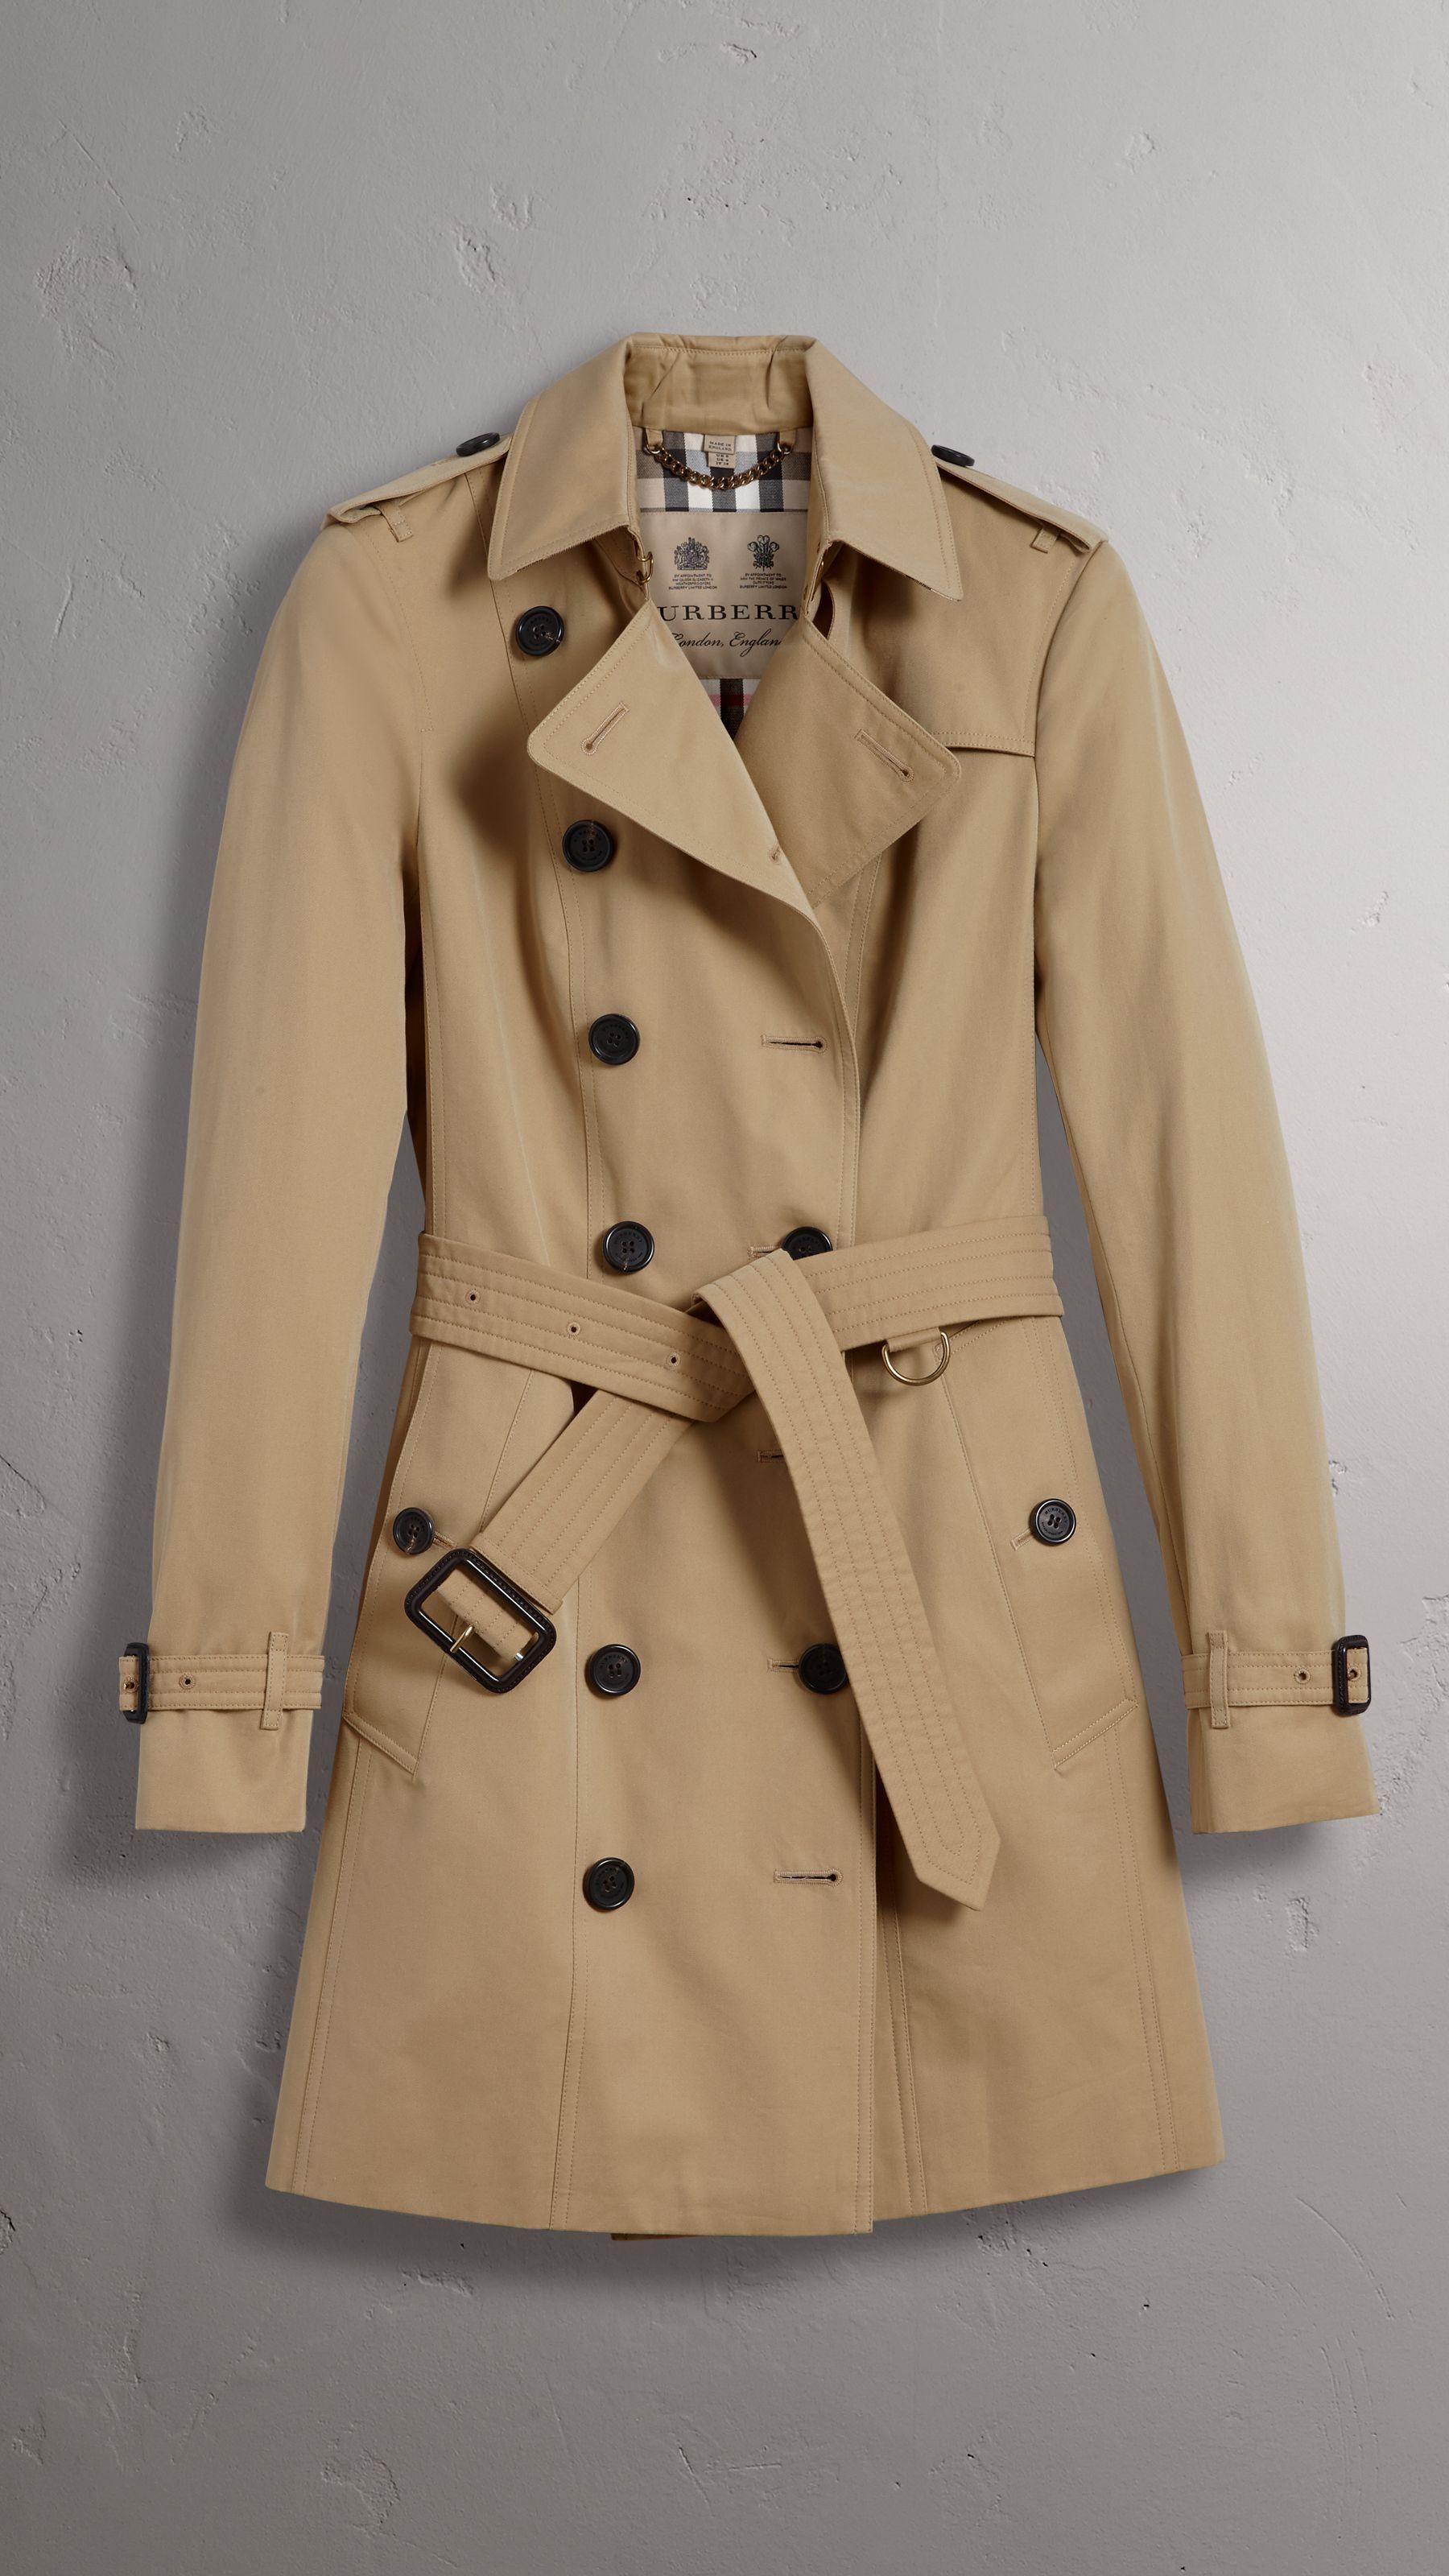 c88183c51f9 The Sandringham – Mid-length Trench Coat in Honey - Women